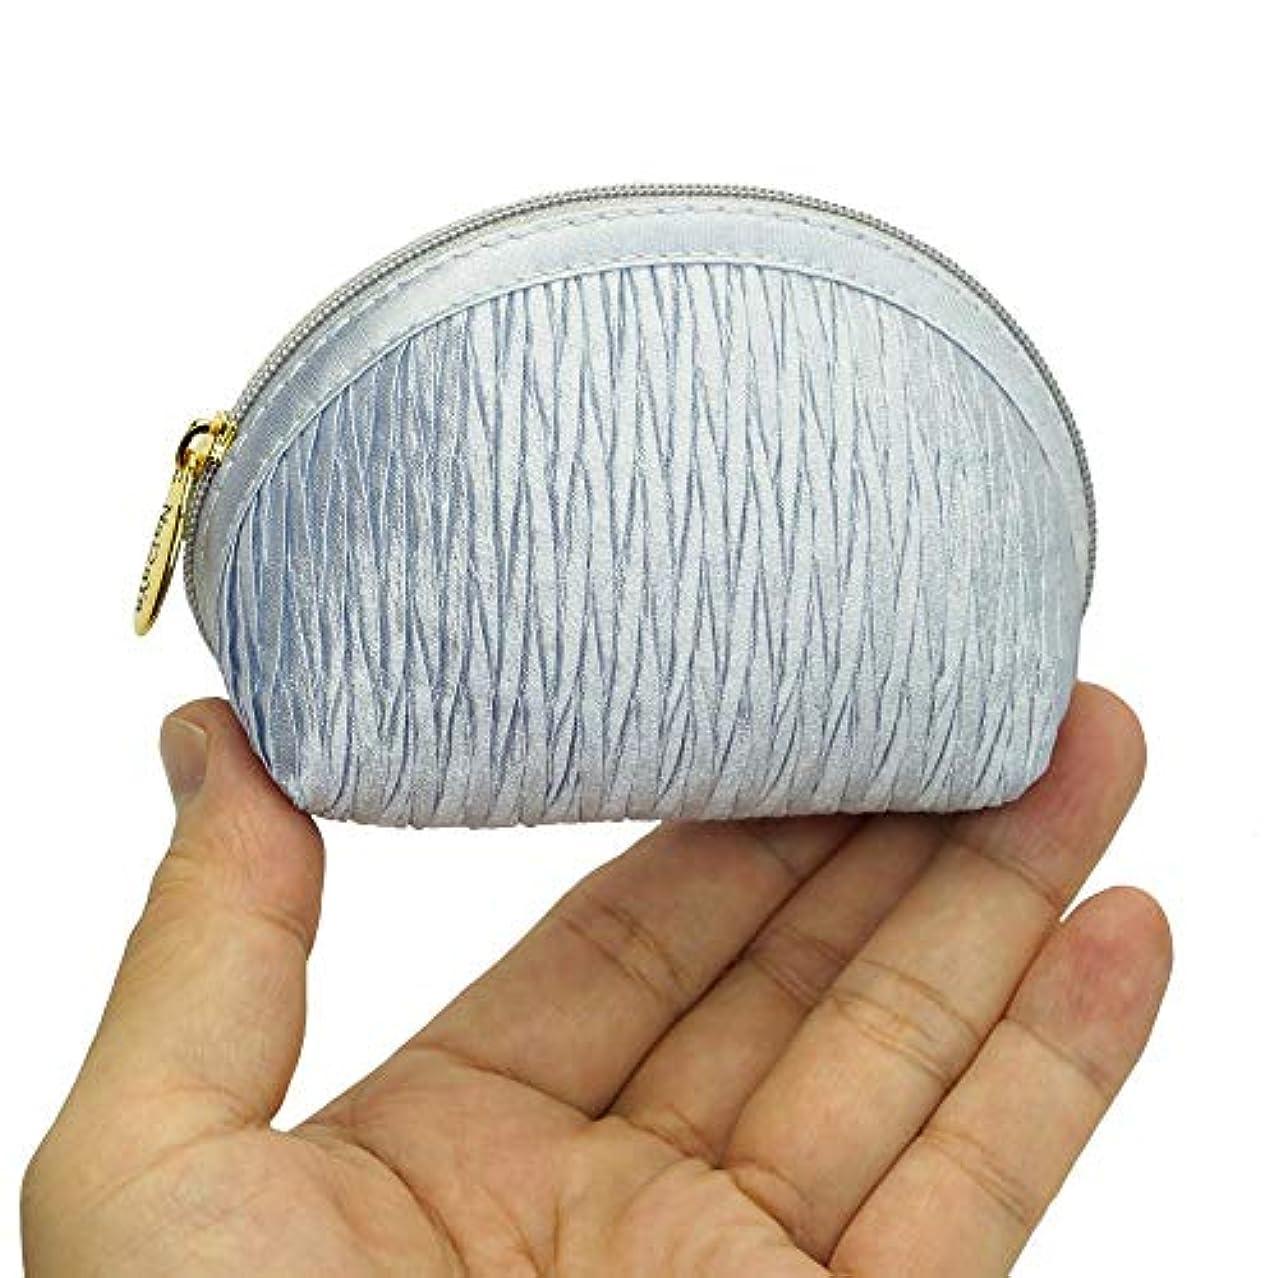 発音空の爆発するナラヤ NaRaYa 手のひらサイズ シェル型 コスメポーチ 化粧ポーチ ?プリーツ(プラチナ) NPL-37